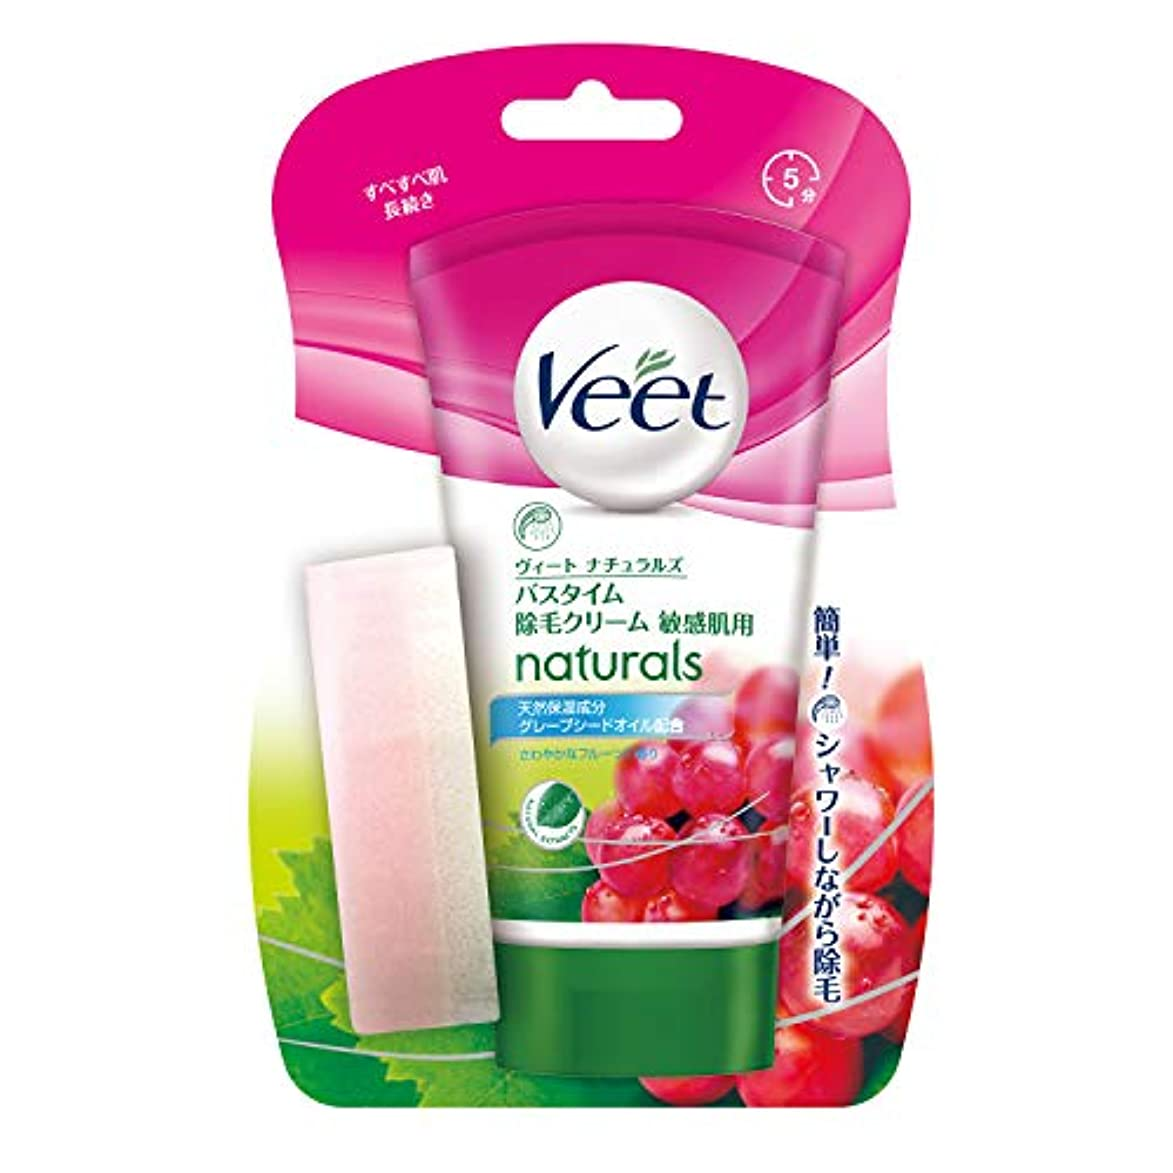 取るに足らない管理者送るヴィート バスタイムセン用 除毛クリーム 敏感肌用 150g (Veet Naturals In Shower Hair Removal Cream  Sensitive 150g)